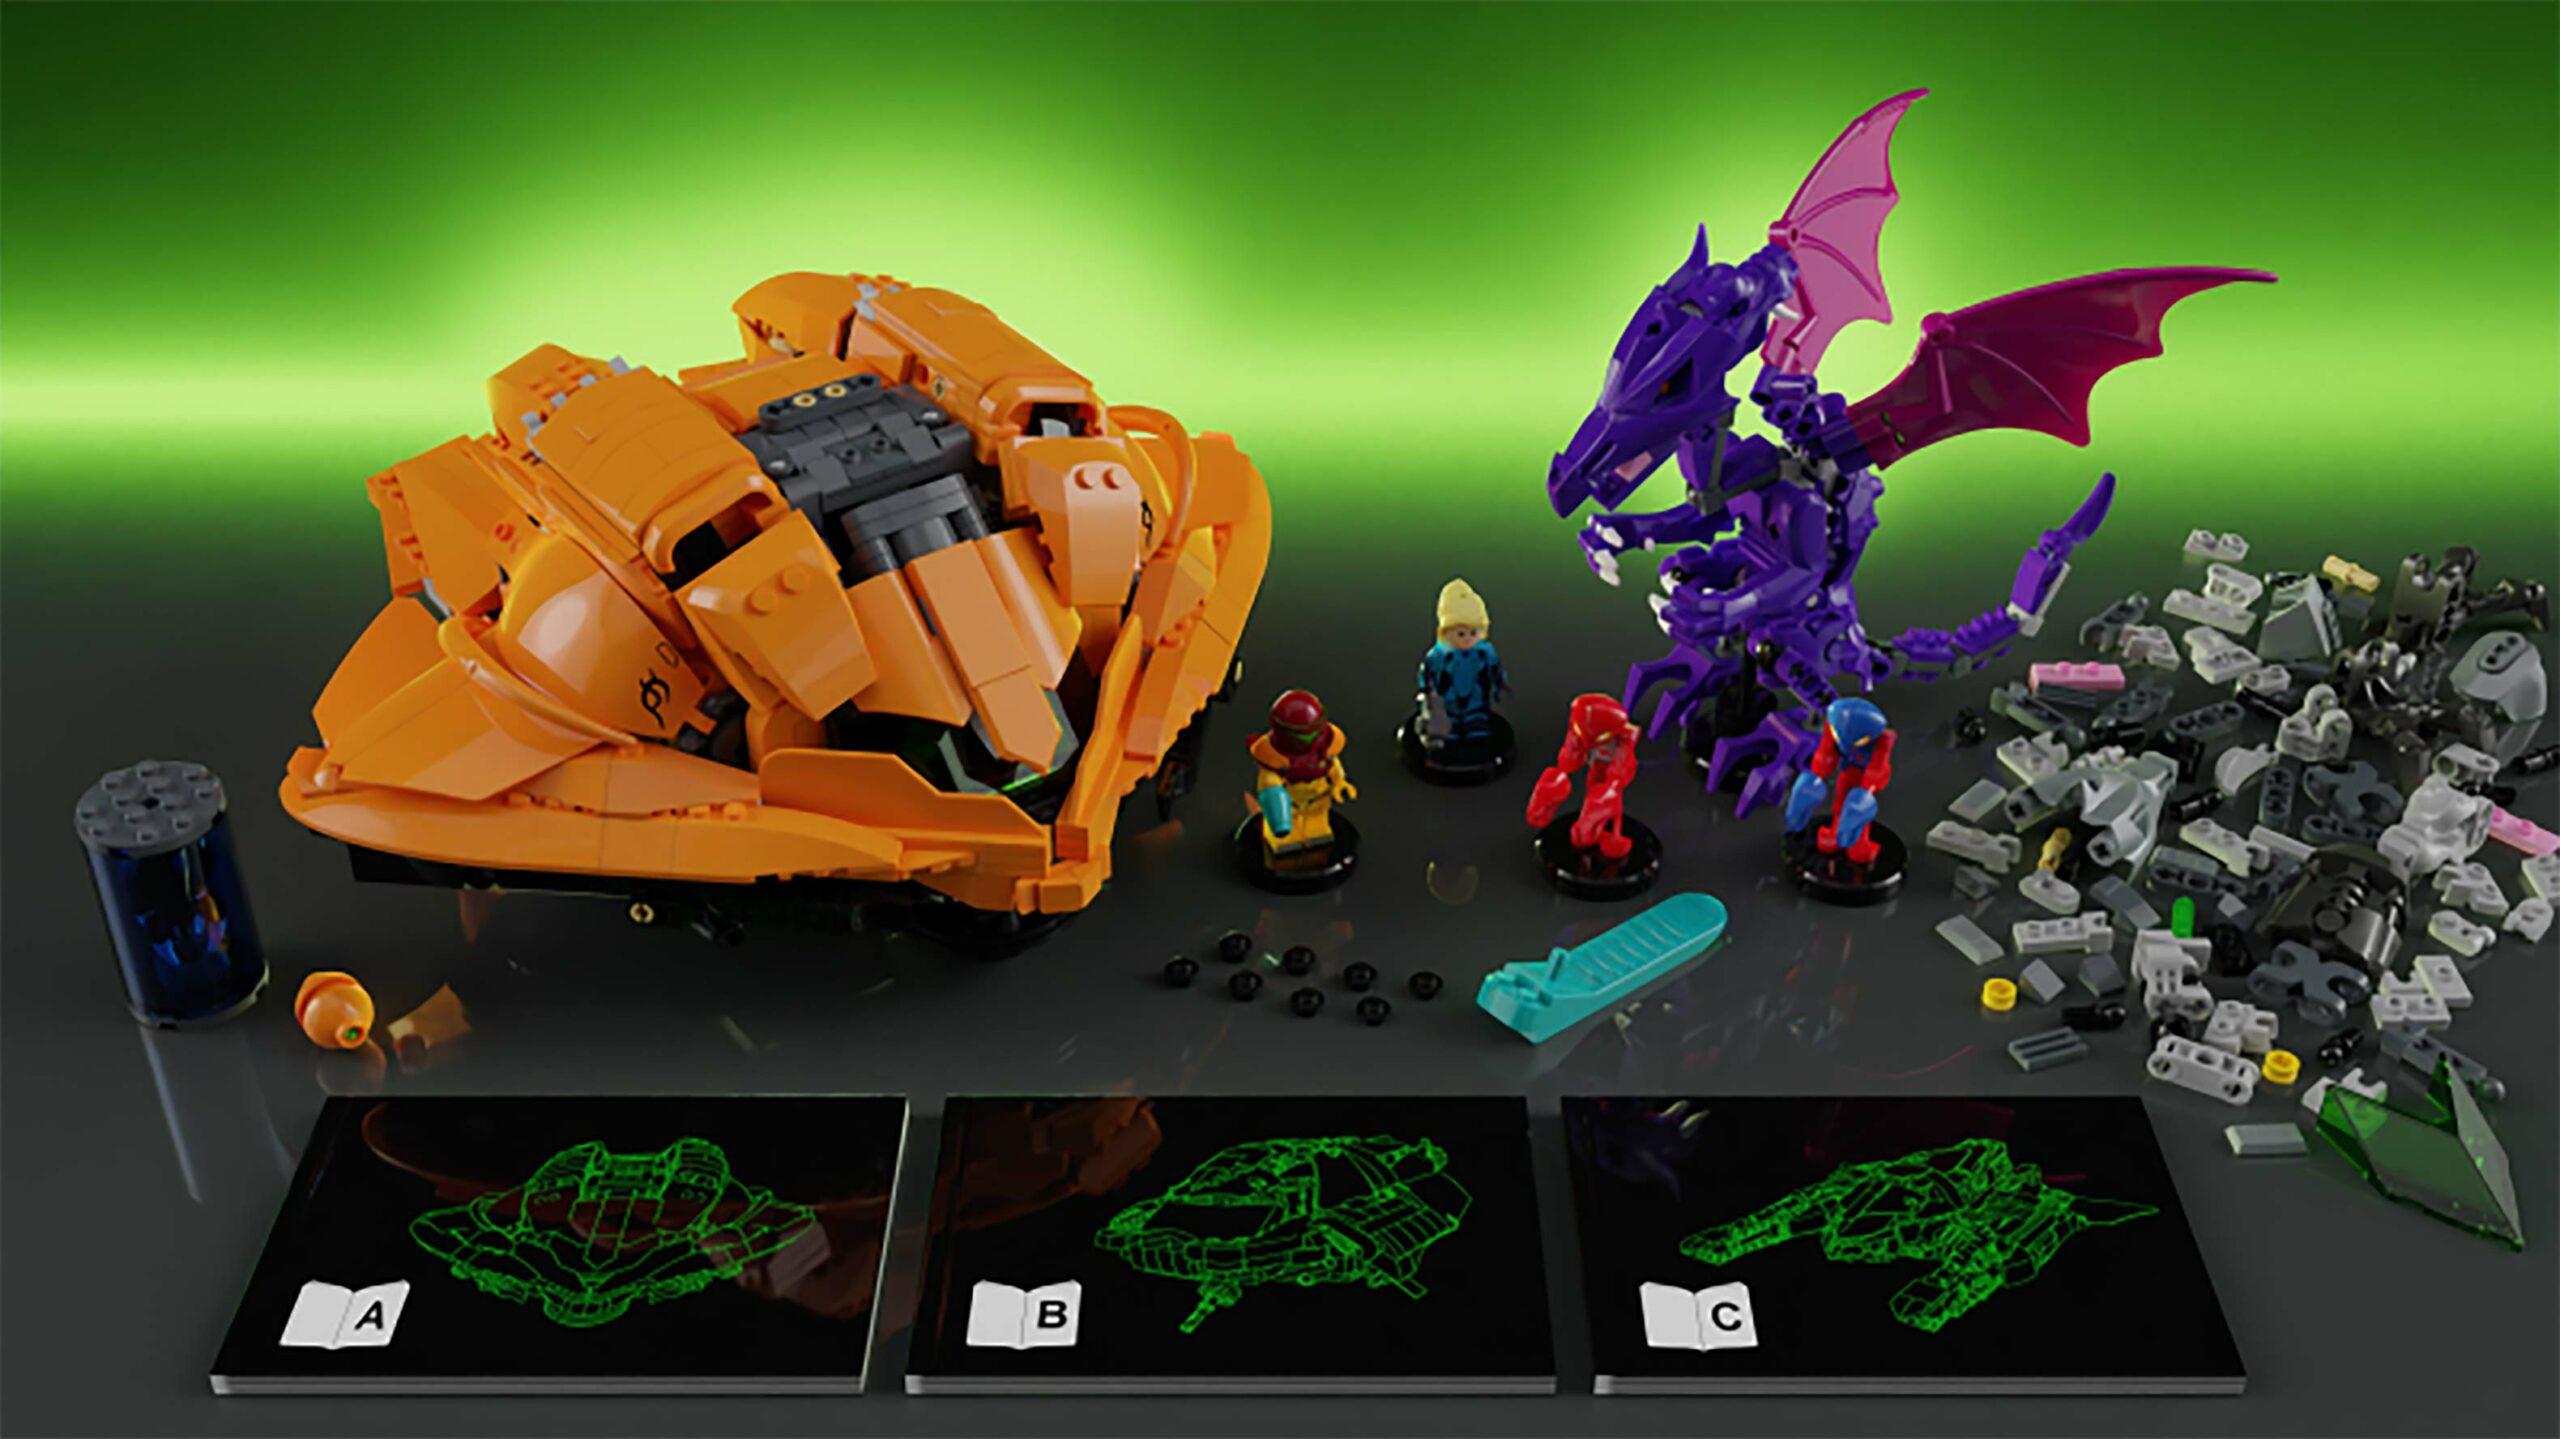 Lego Metroid set